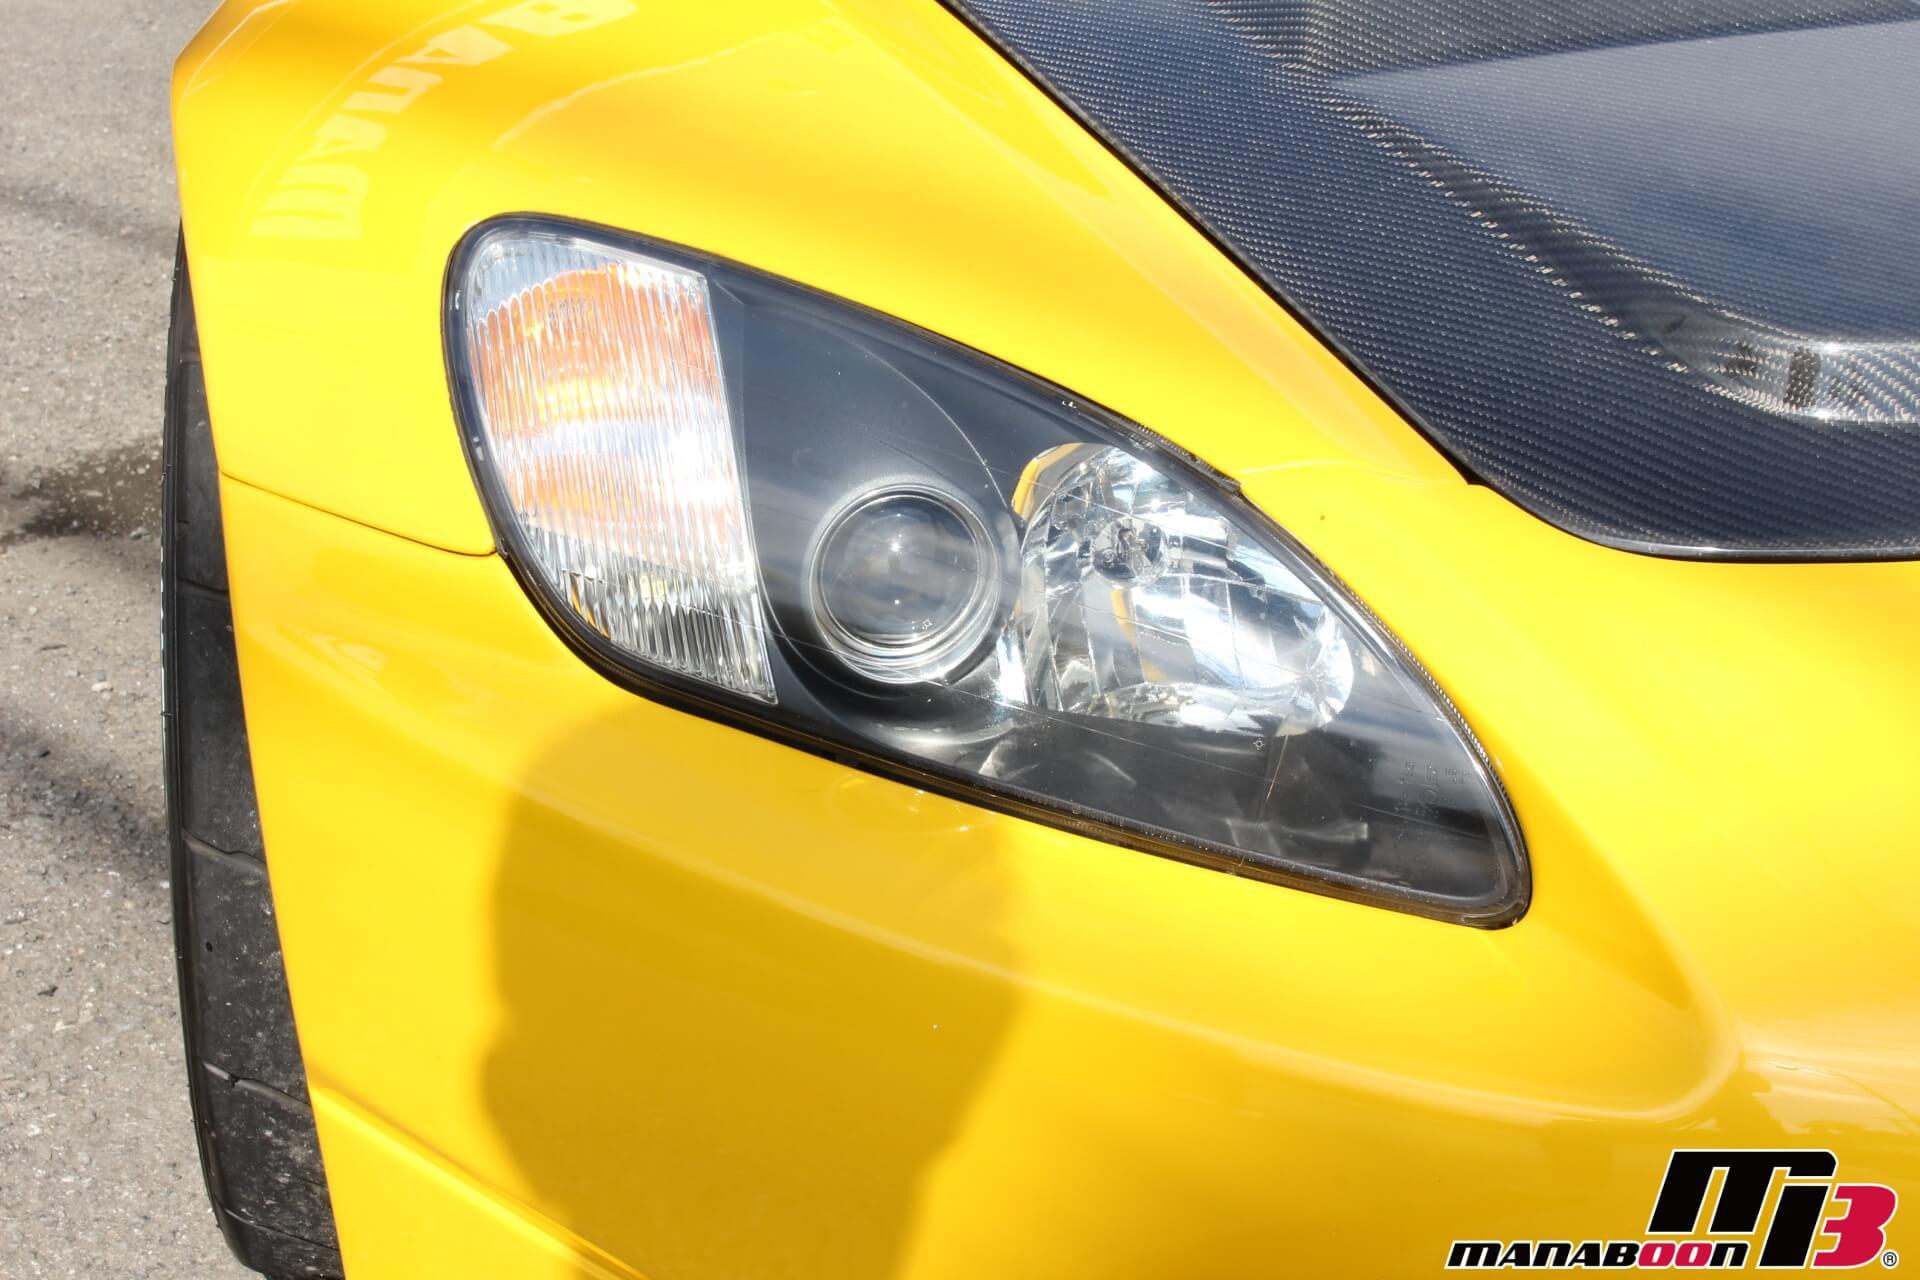 S2000 ヘッドライト画像